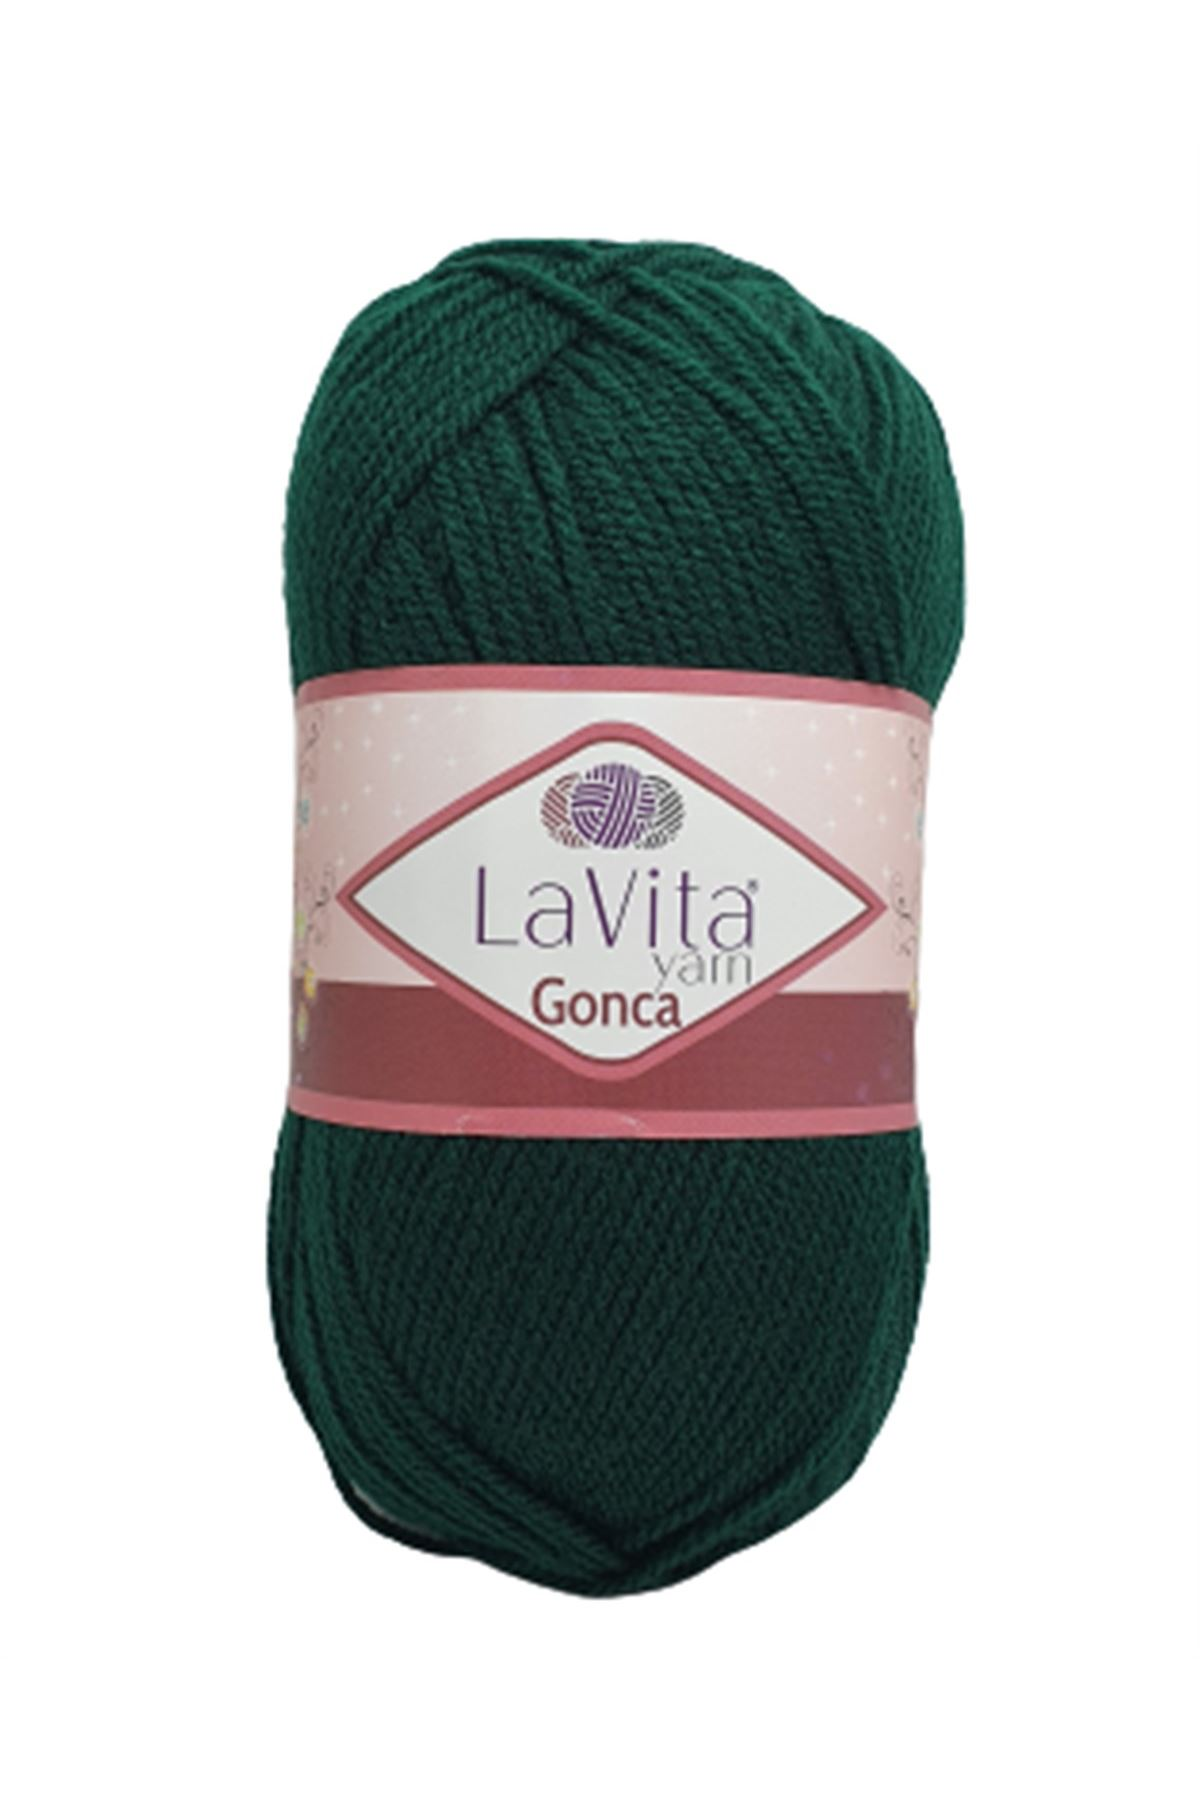 Lavita Gonca 8123 Koyu Yeşil